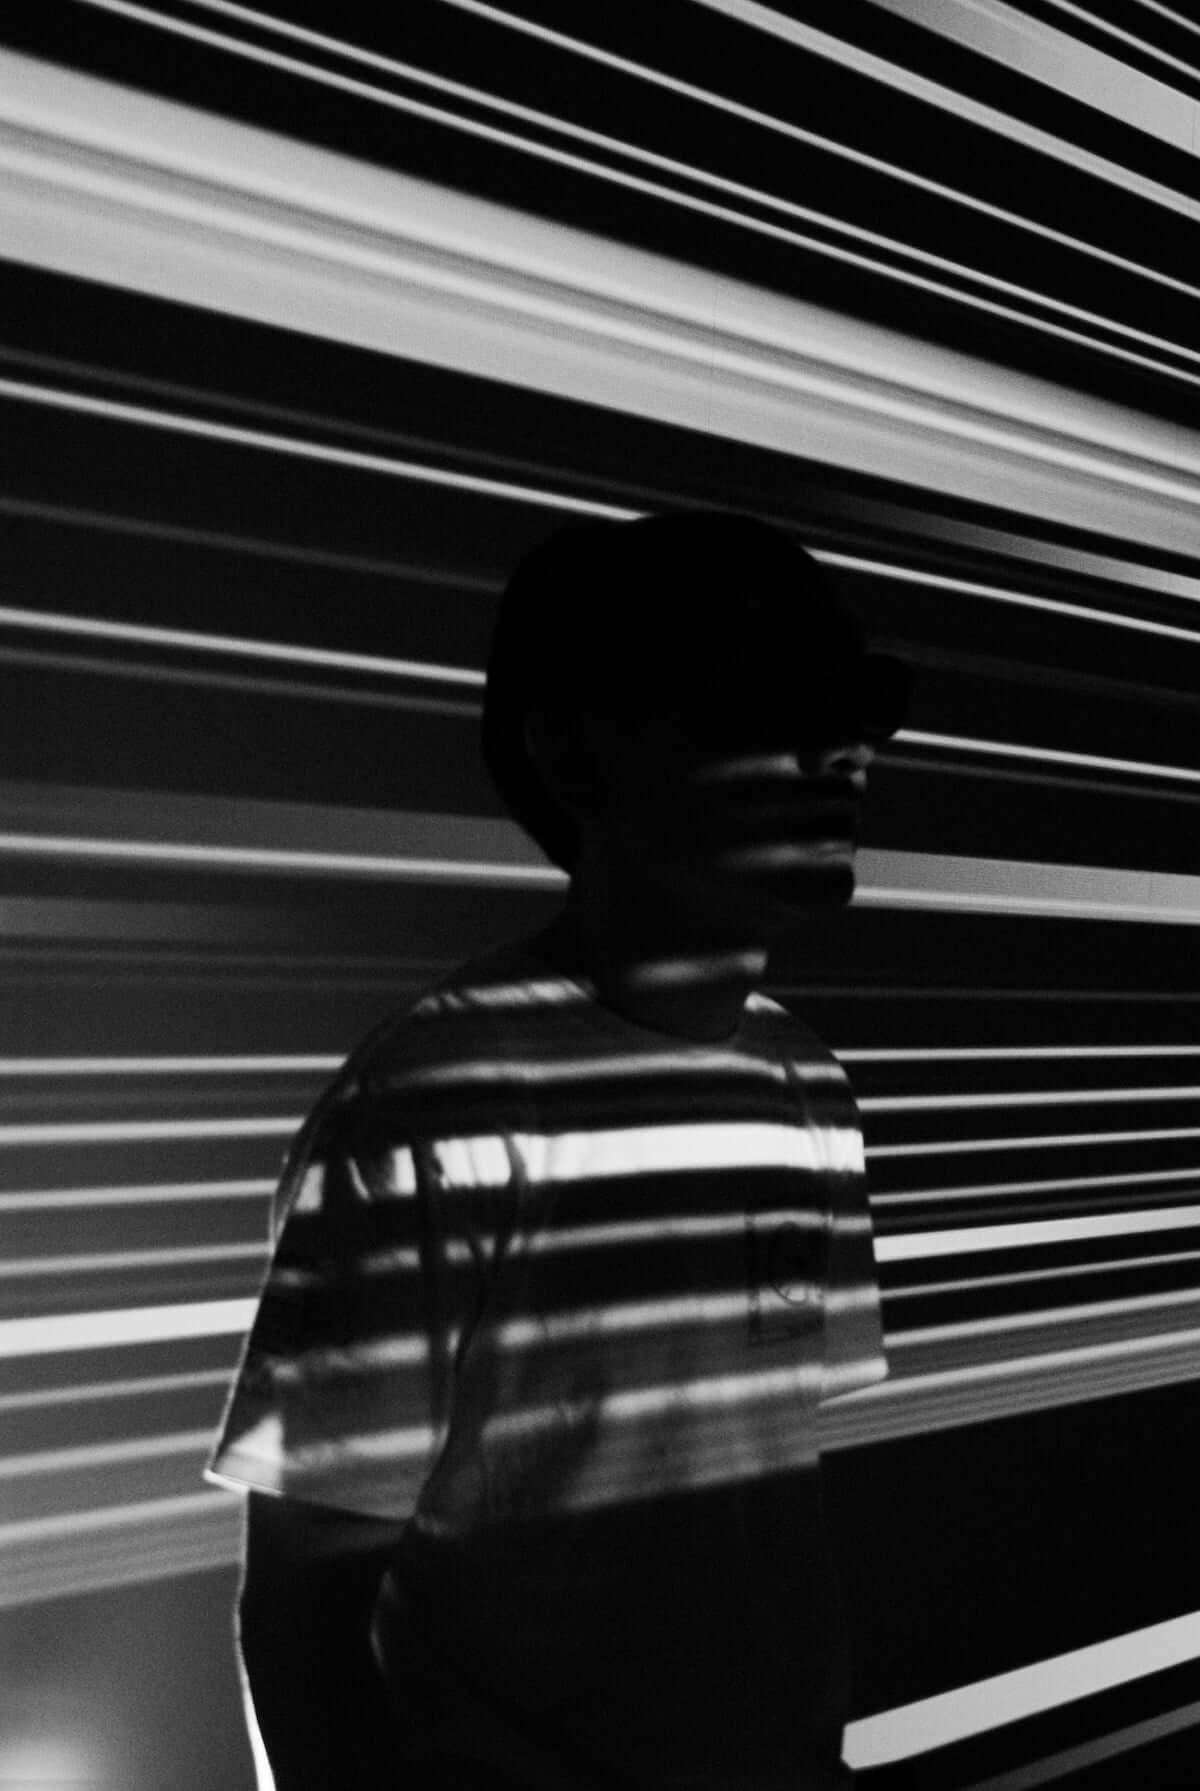 コーネリアス「Ripple Waves」ジャケット写真公開 「Mellow Waves」に続き、銅版画家・中林忠義が手掛ける music180829-cornelius-sound-1-1200x1791